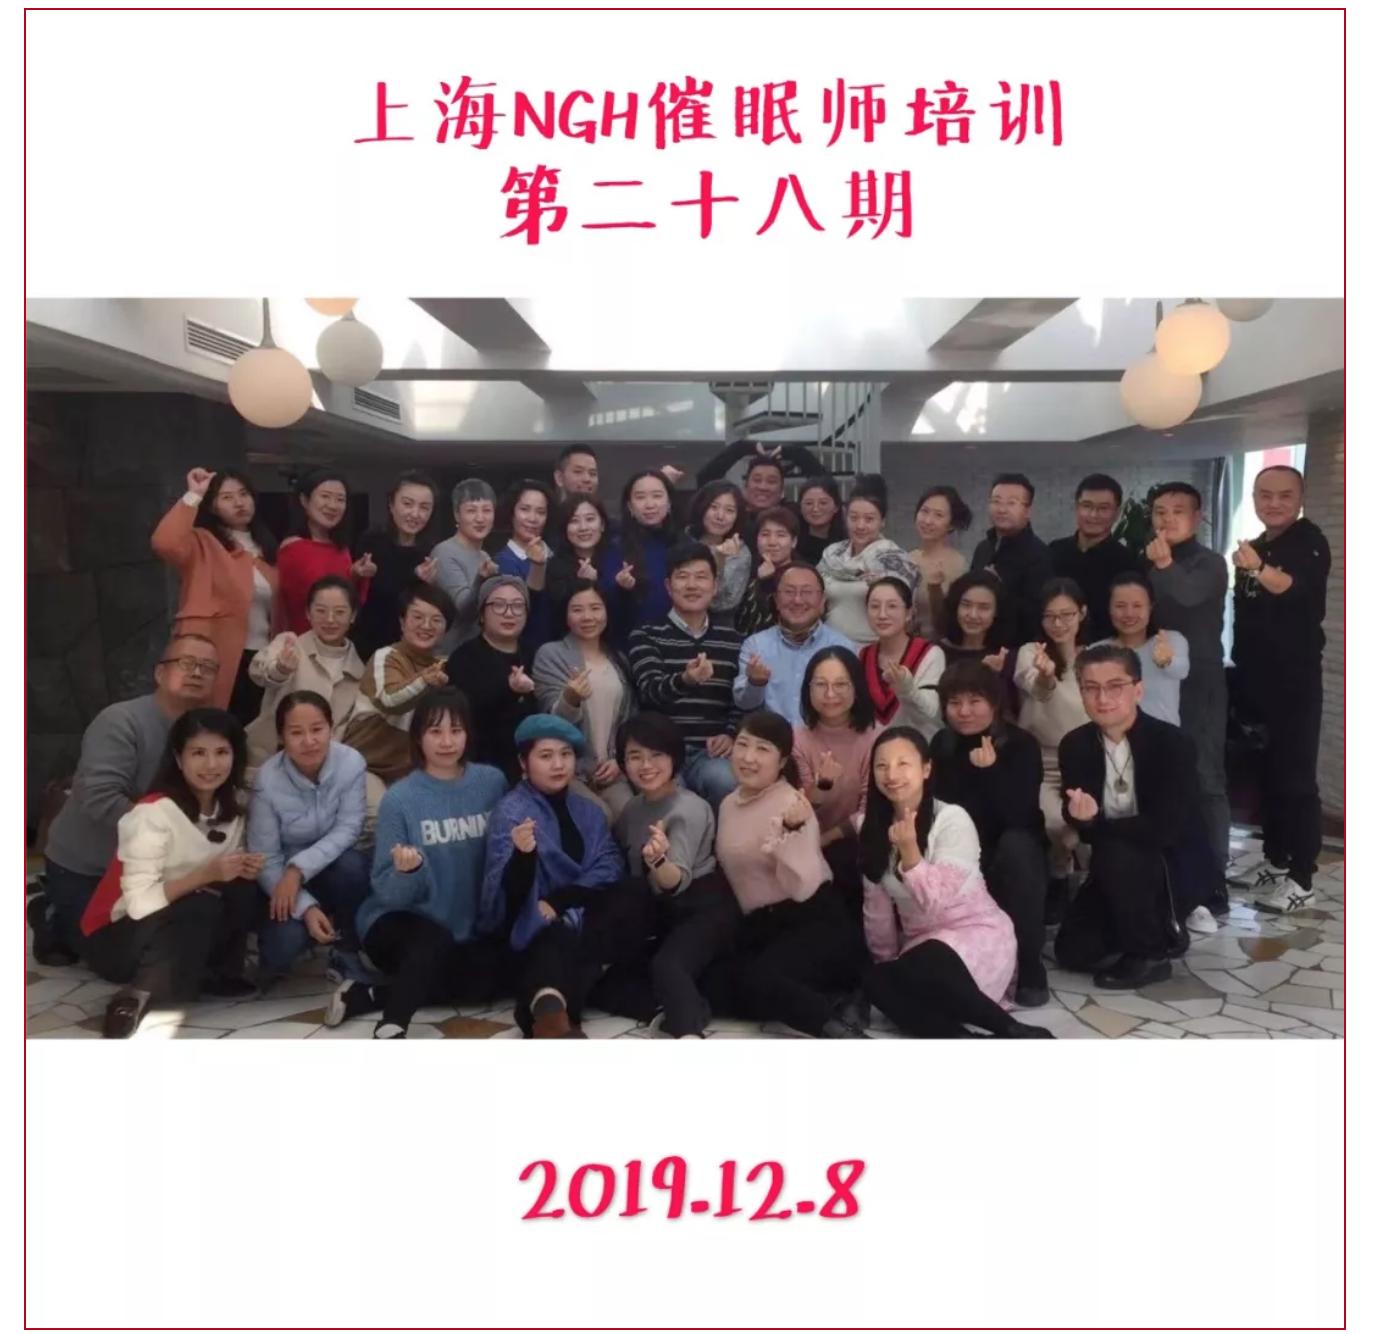 【双十二福利】唐道德美国NGH催眠课直降2600抢购中!